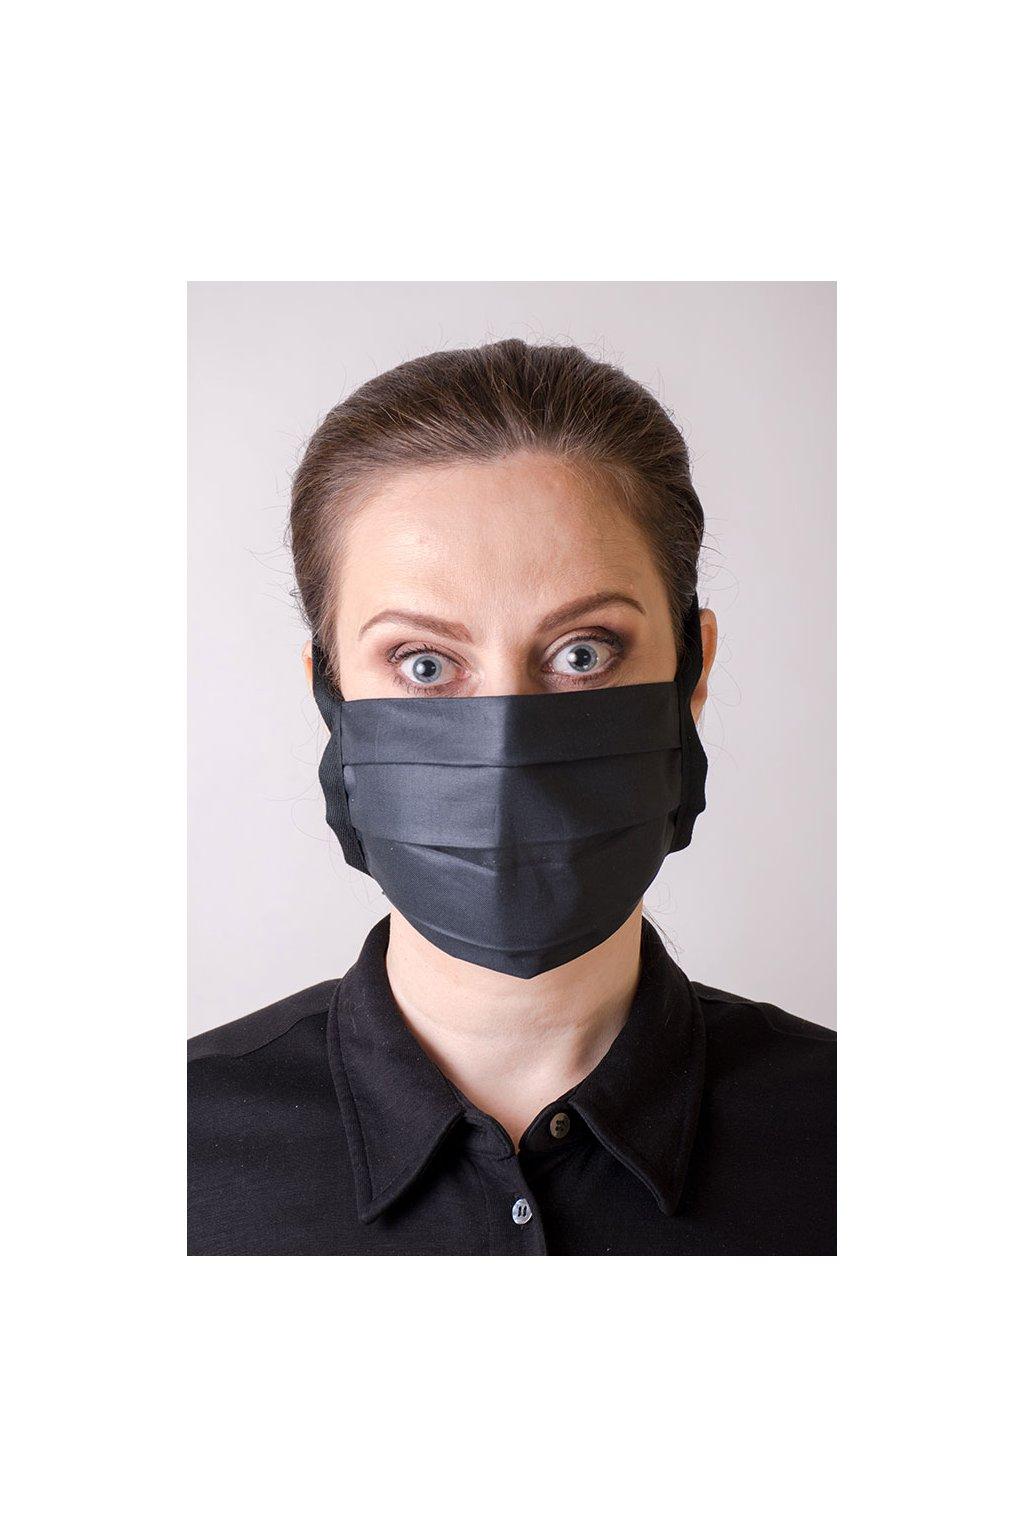 Bavlněná rouška na ústa a nos jednovrstvá, šňůry z keprové stuhy, antibakteriální SILVER+, 792-199, Černá